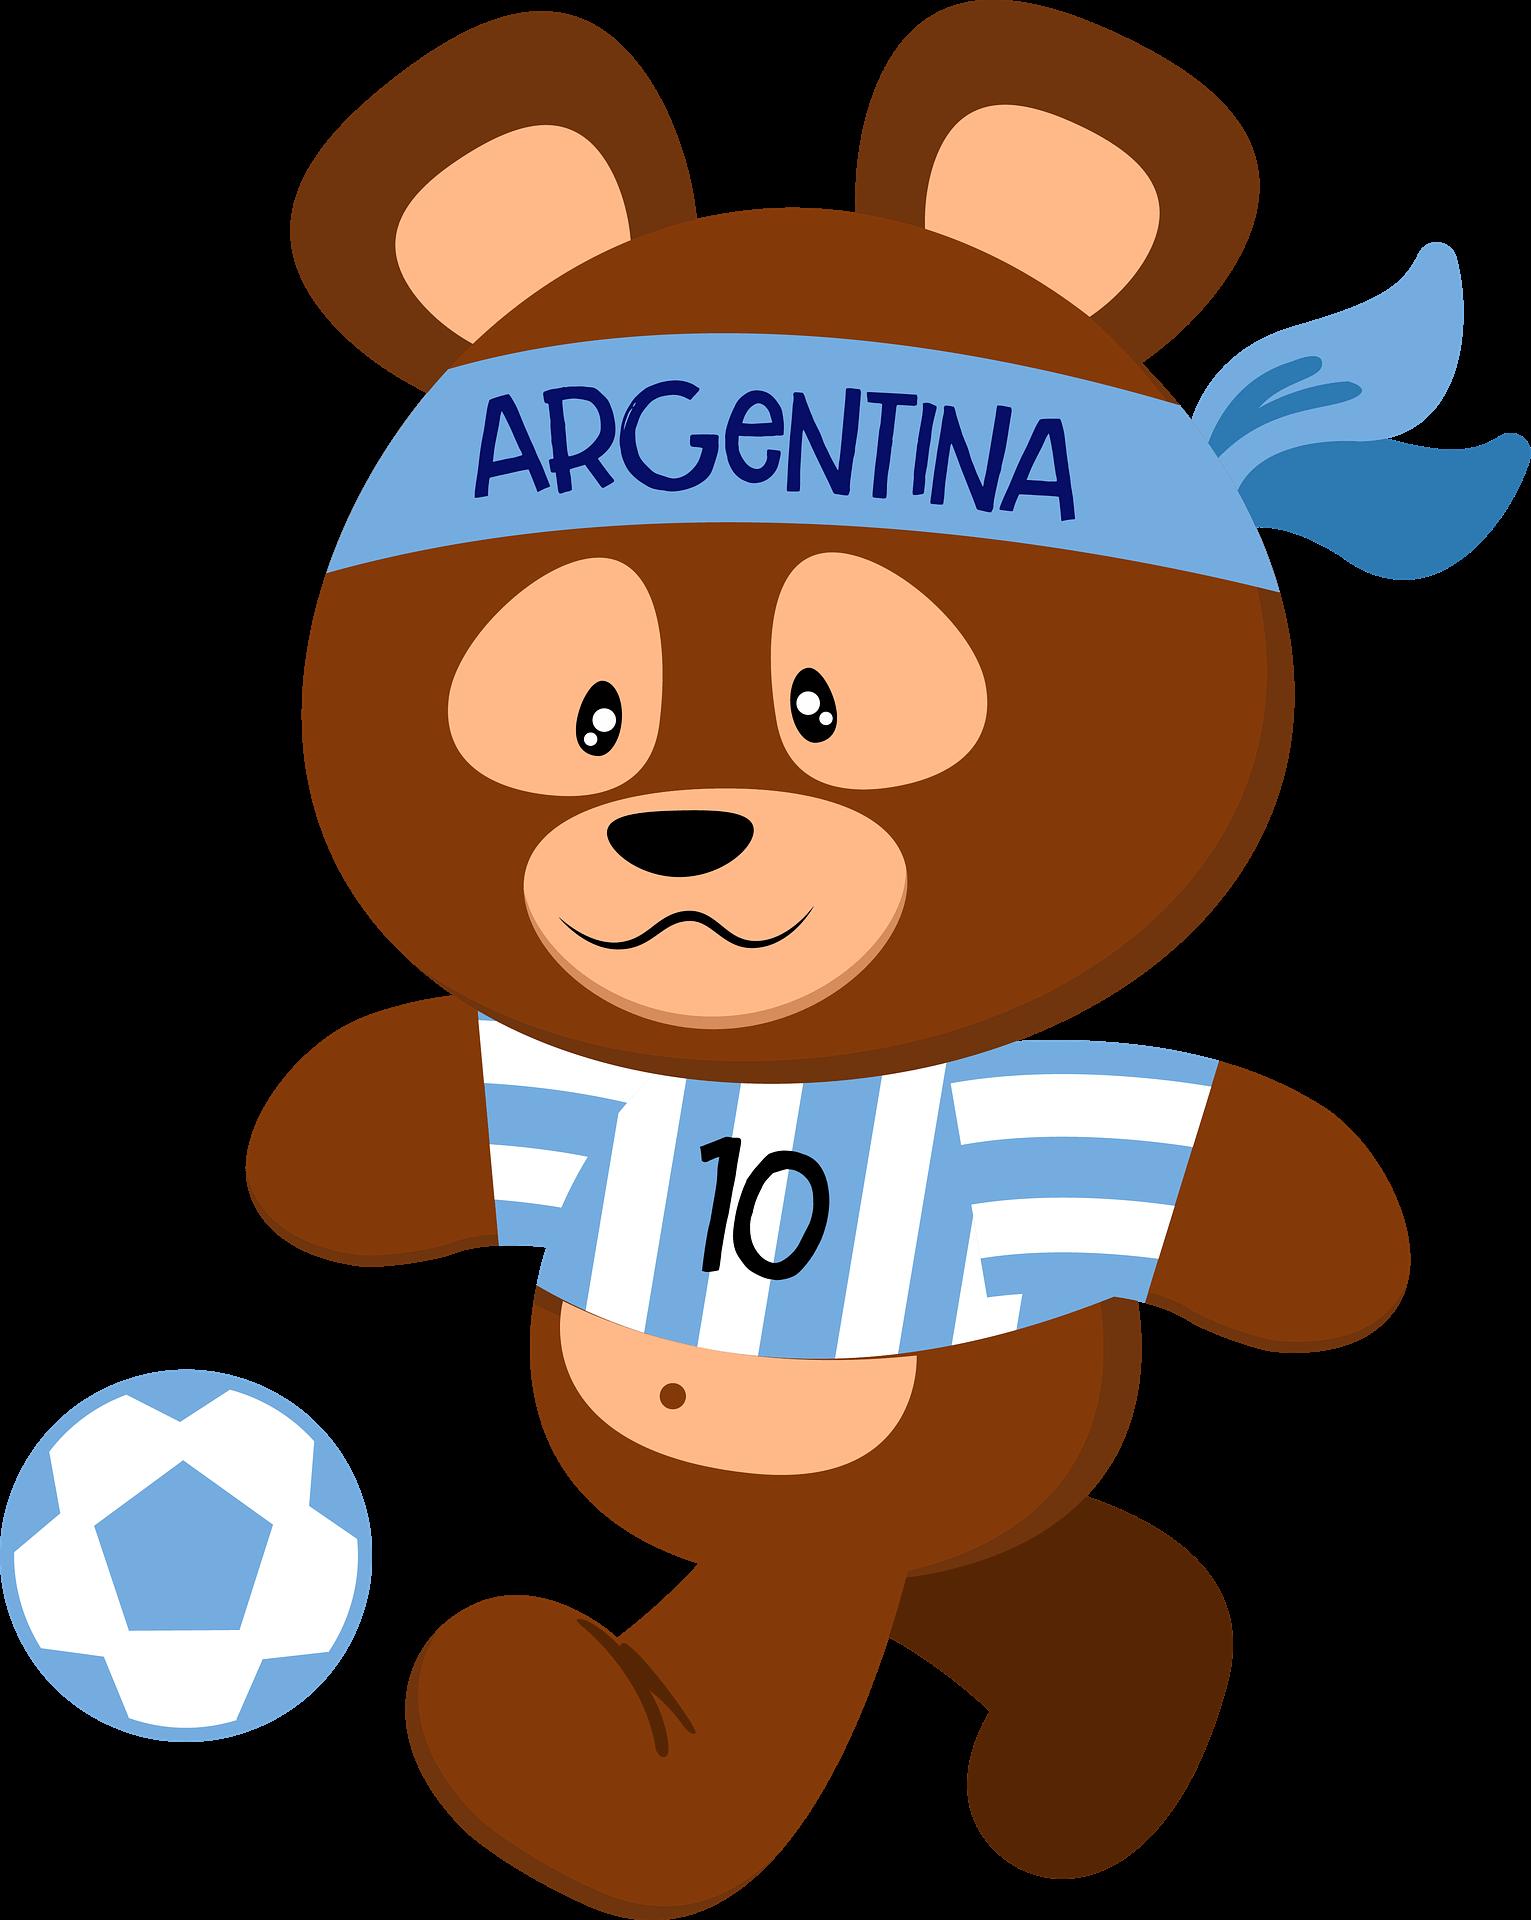 casas de apuestas online argentina